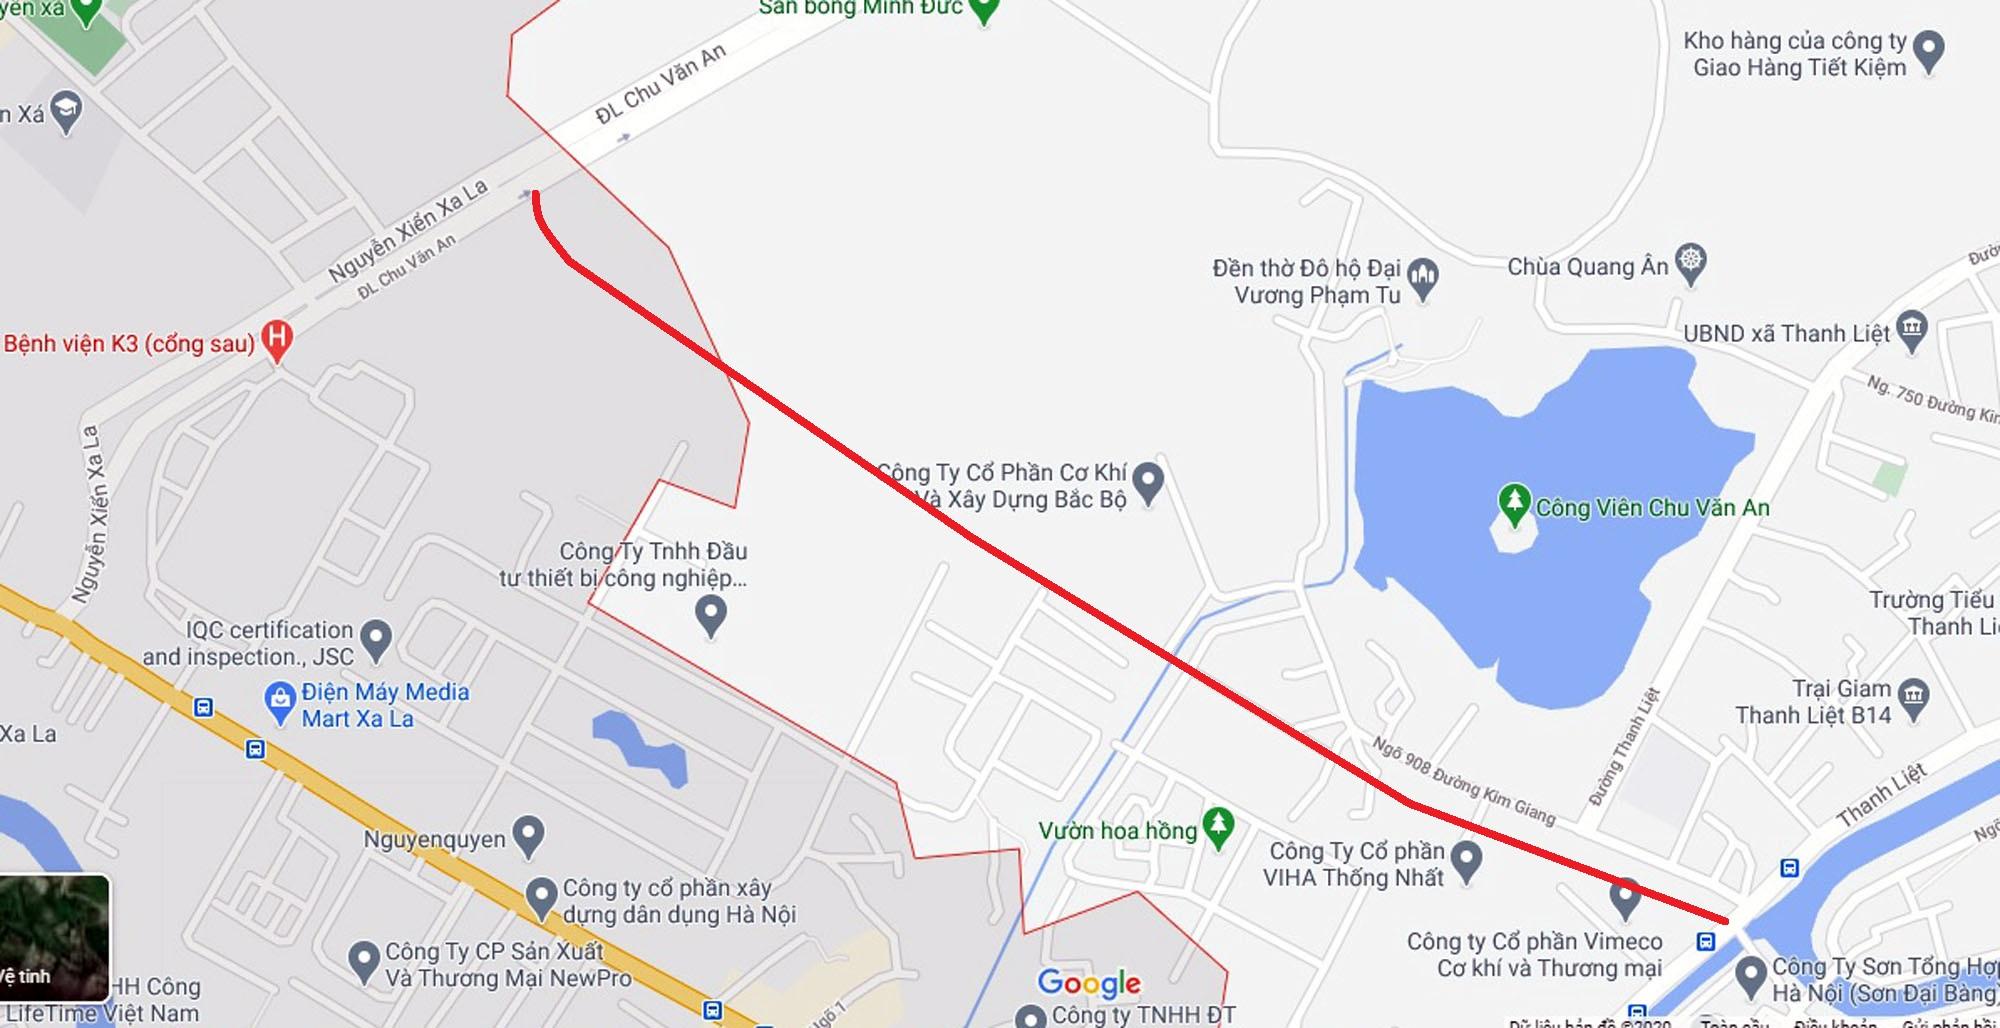 Ba đường sẽ mở theo qui hoạch ở xã Thanh Liệt, Thanh Trì, Hà Nội - Ảnh 2.